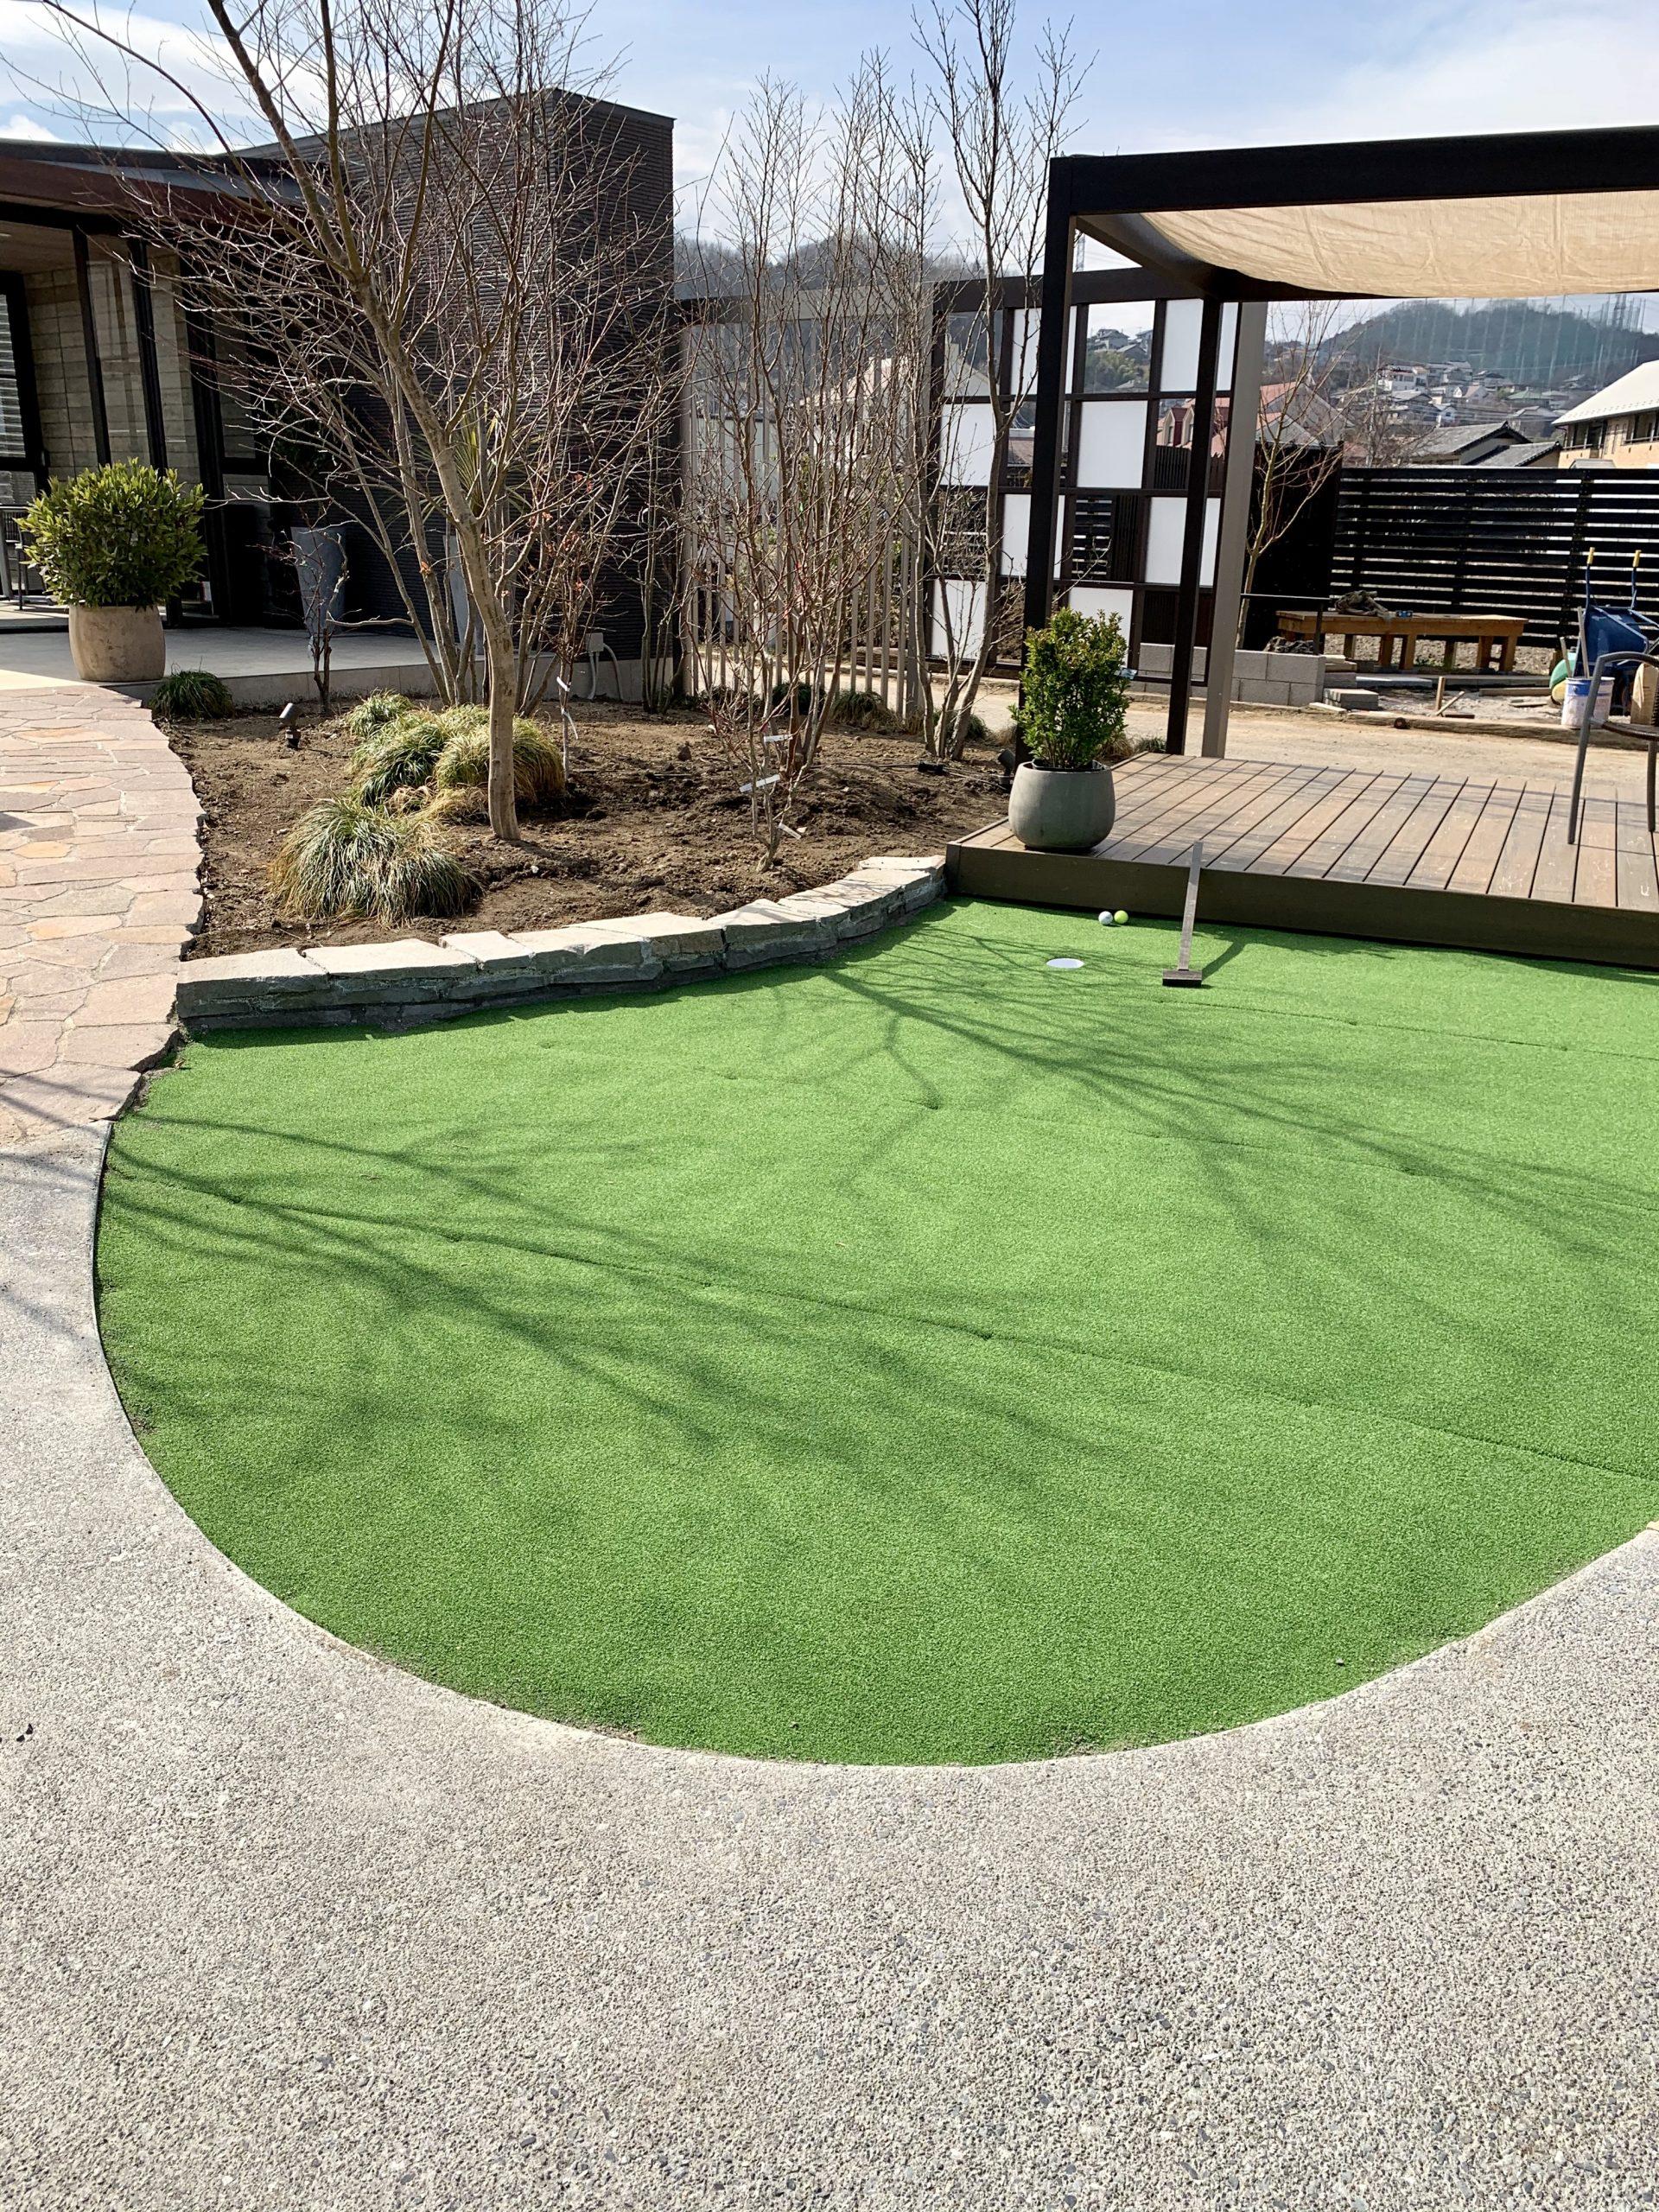 カーブが美しい人工芝ゾーン